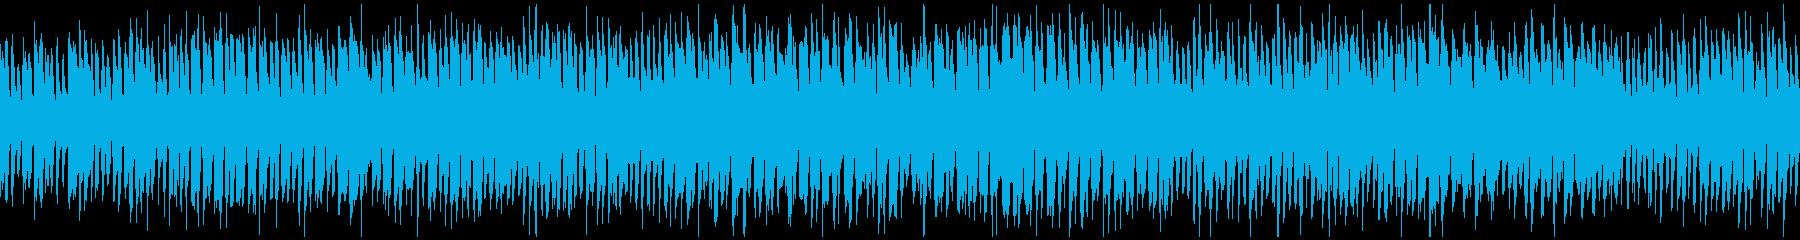 超ドタバタやかましいギャグ系 ※ループ版の再生済みの波形